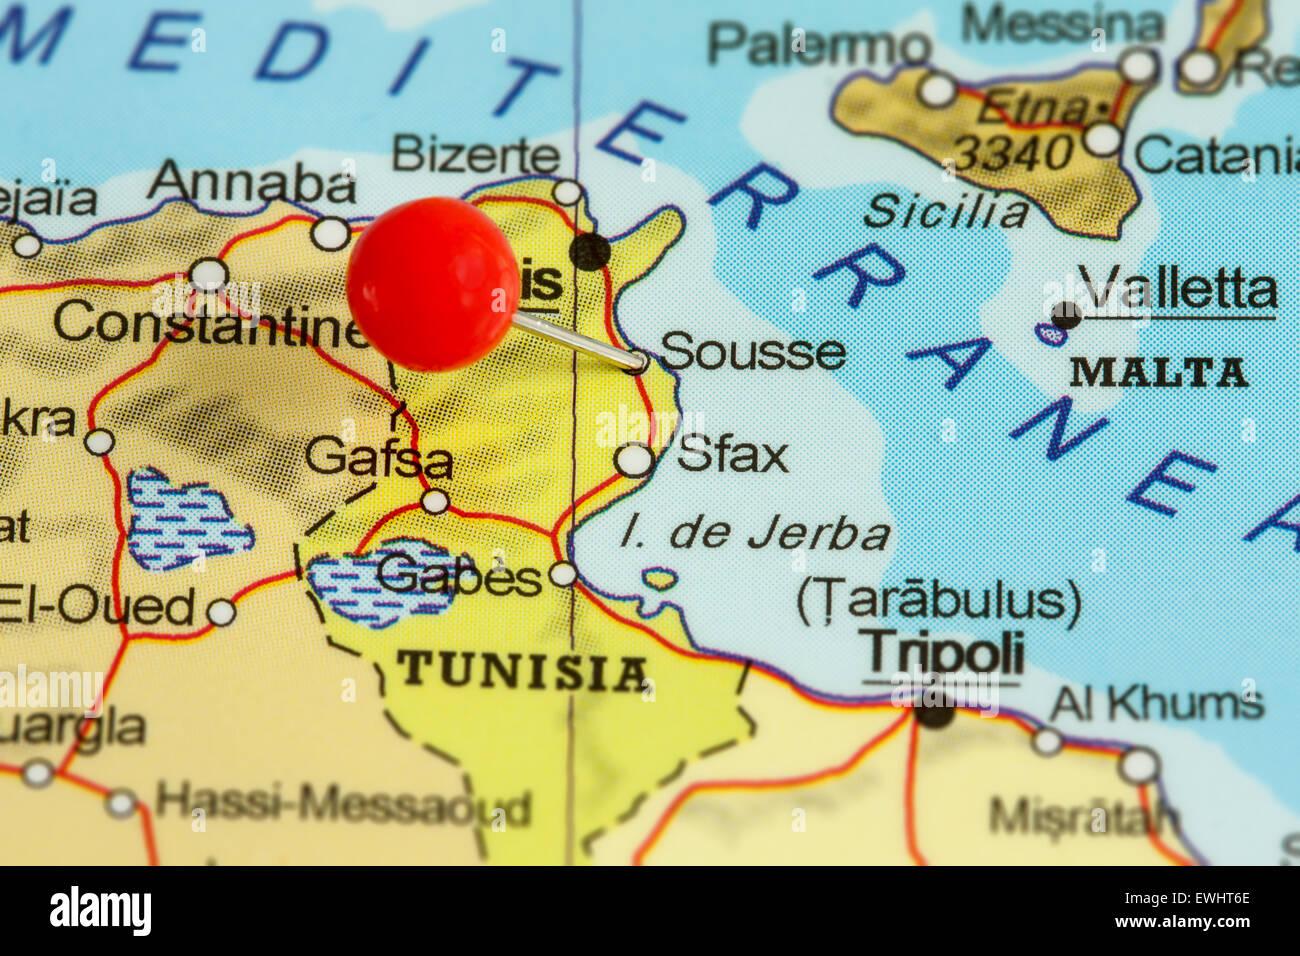 Tunesien Karte.Nahaufnahme Von Roten Pin Auf Einer Karte Von Sousse